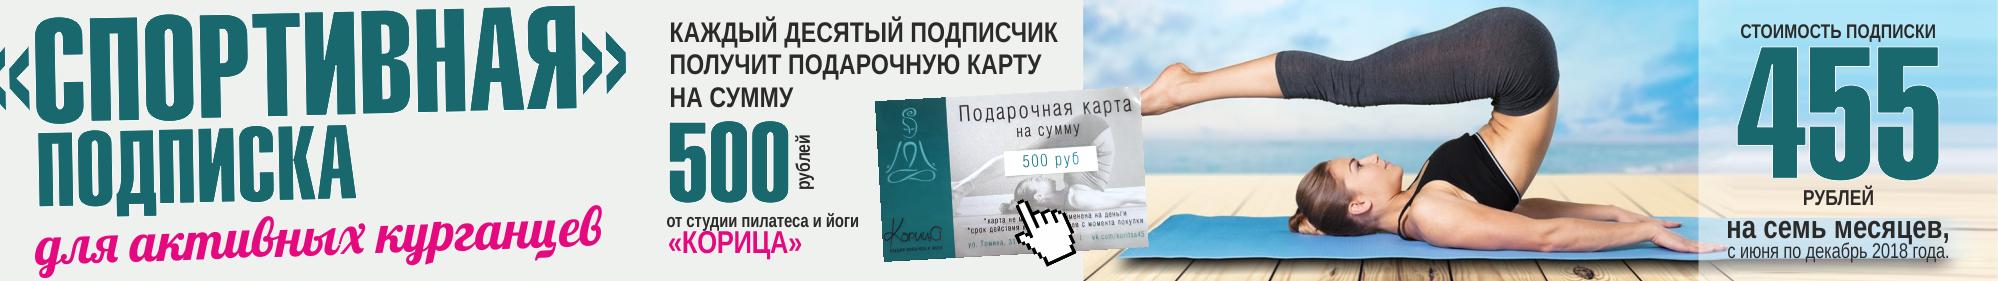 Подписка2